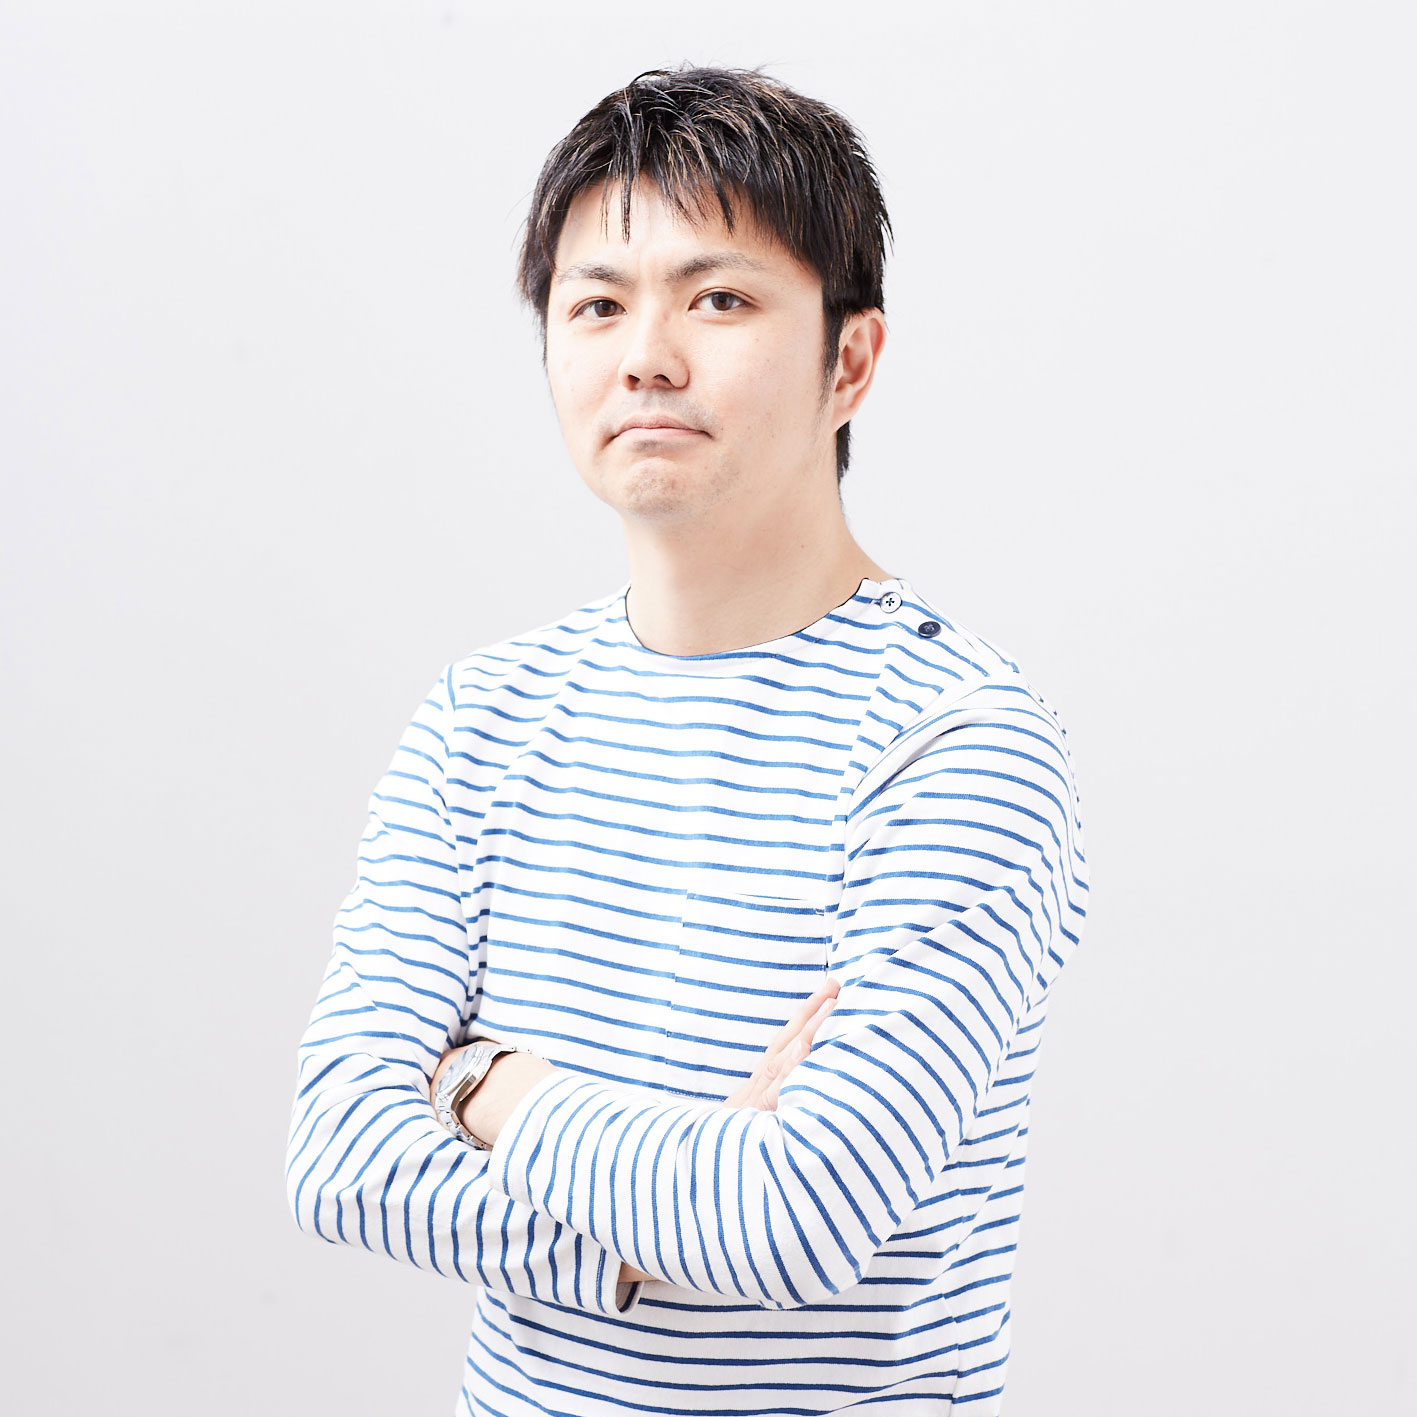 鈴木 俊輔